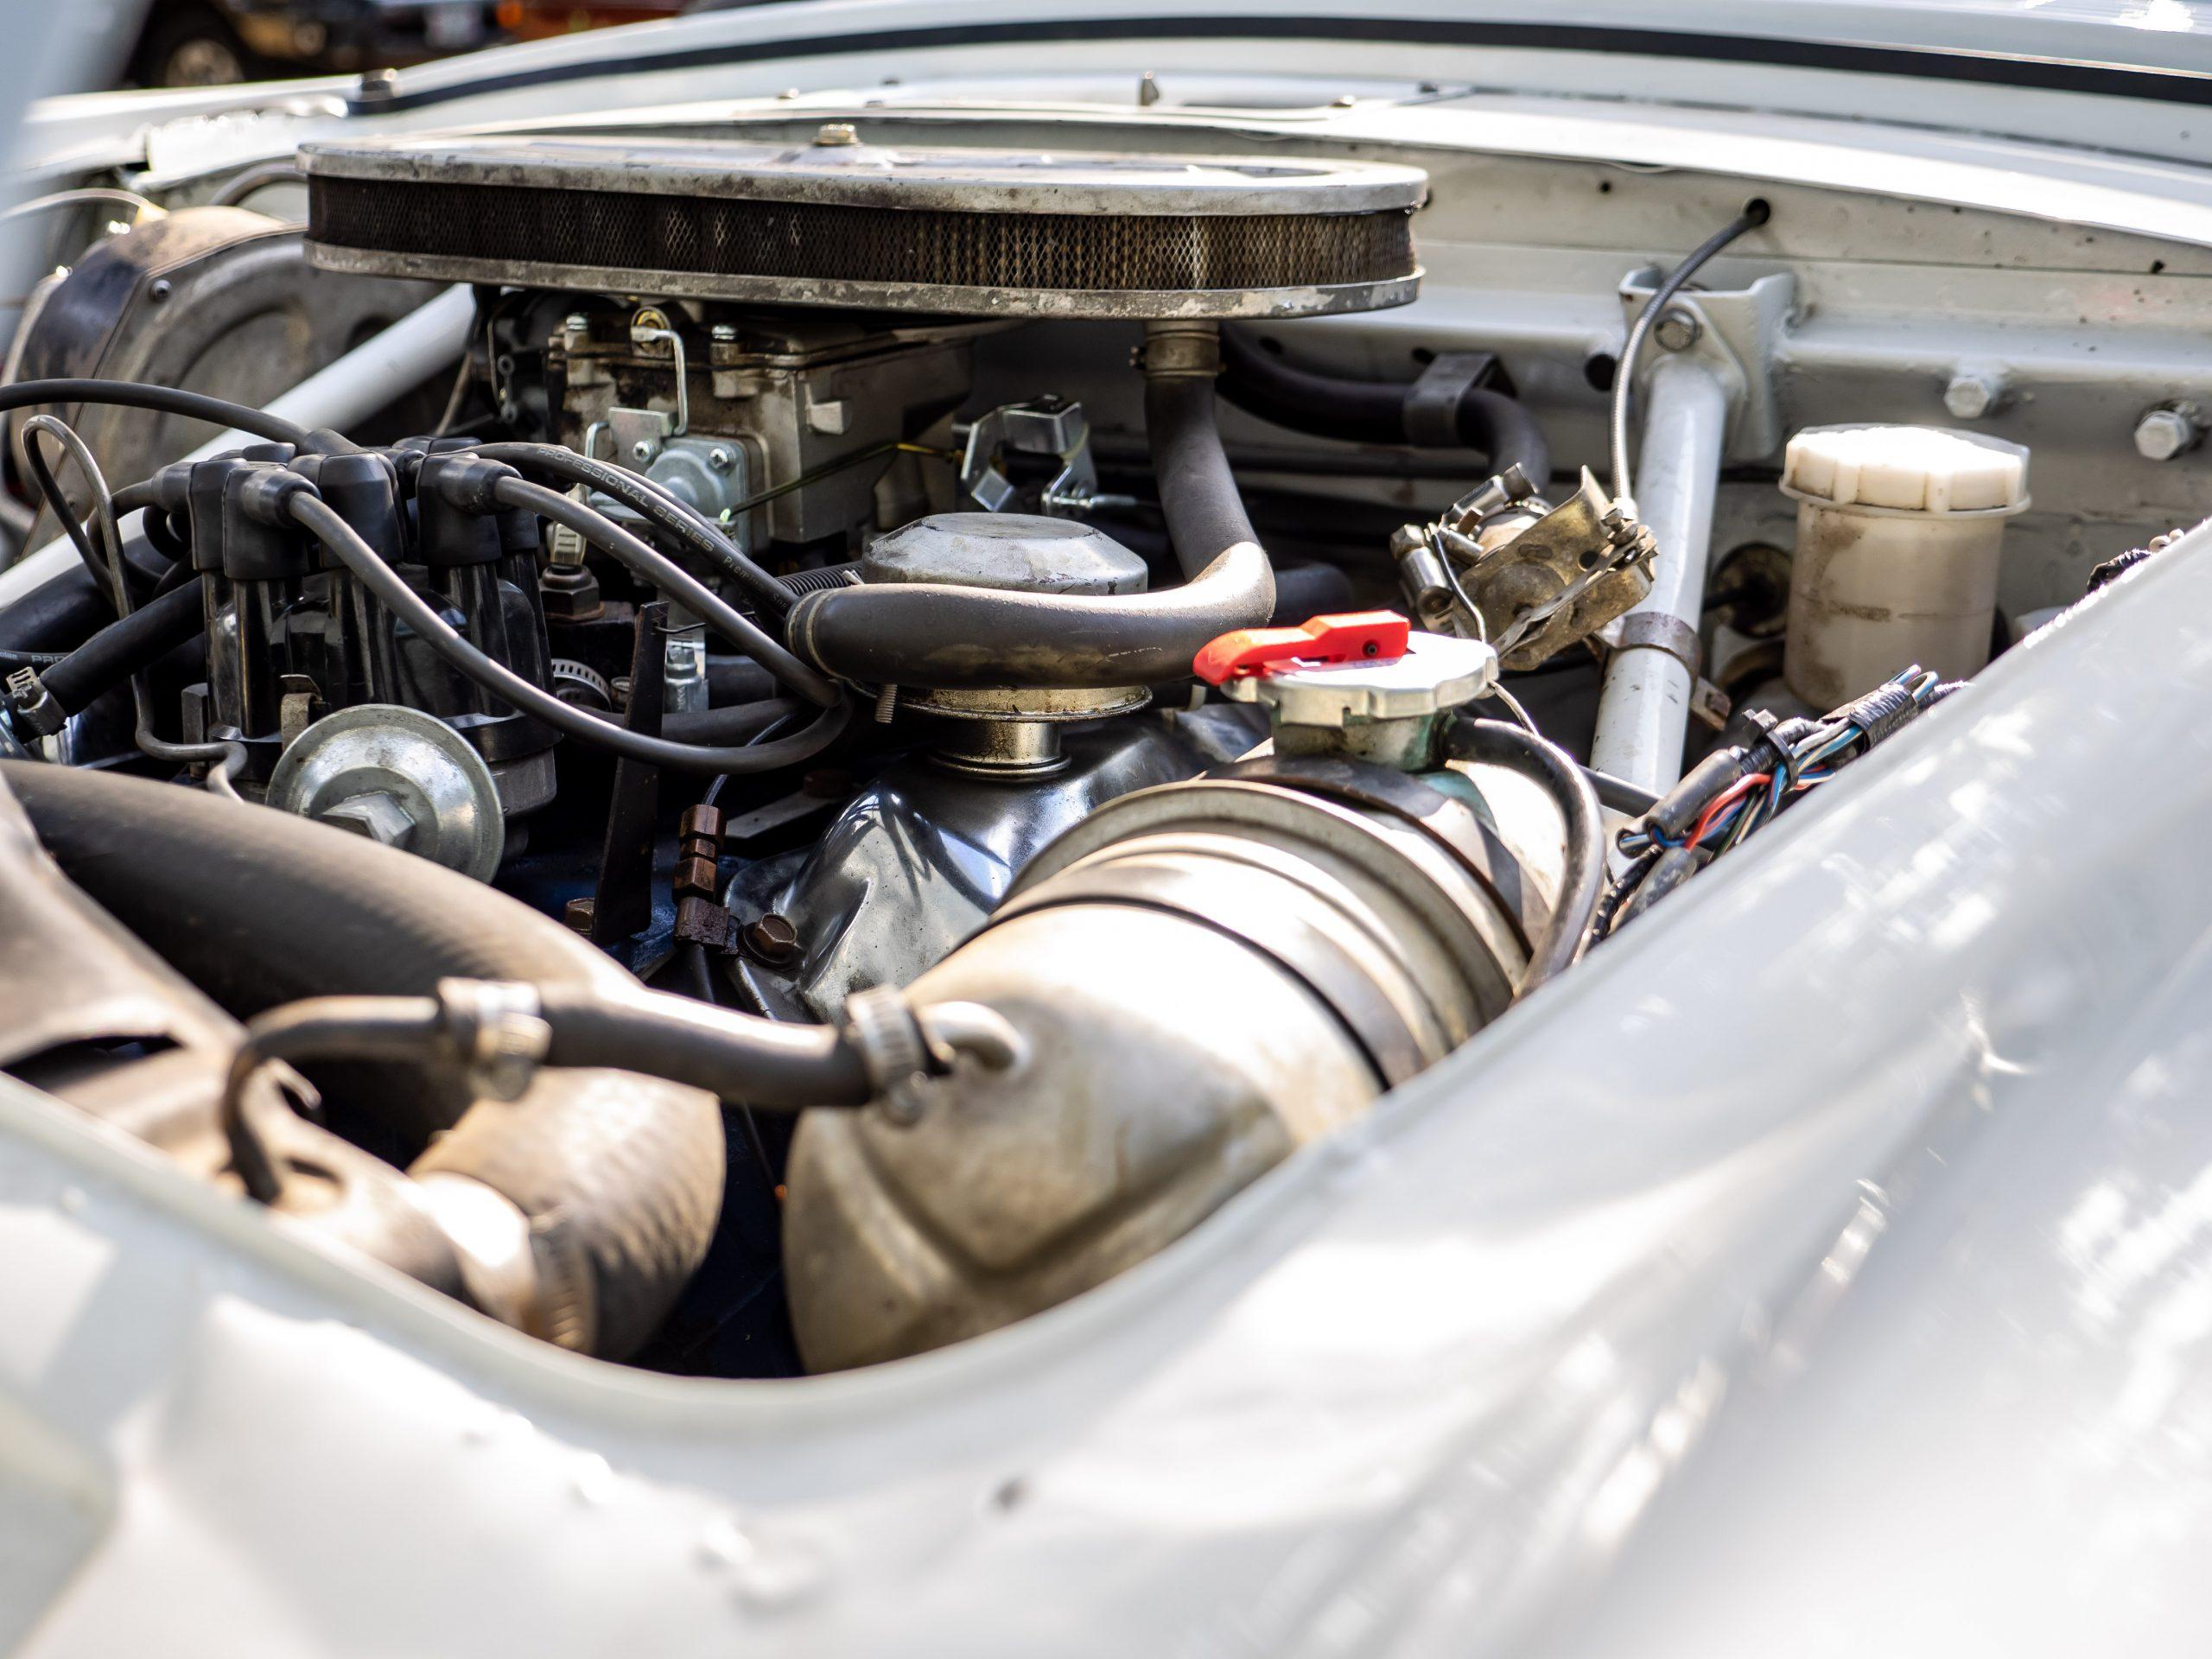 Sunbeam Tiger Engine